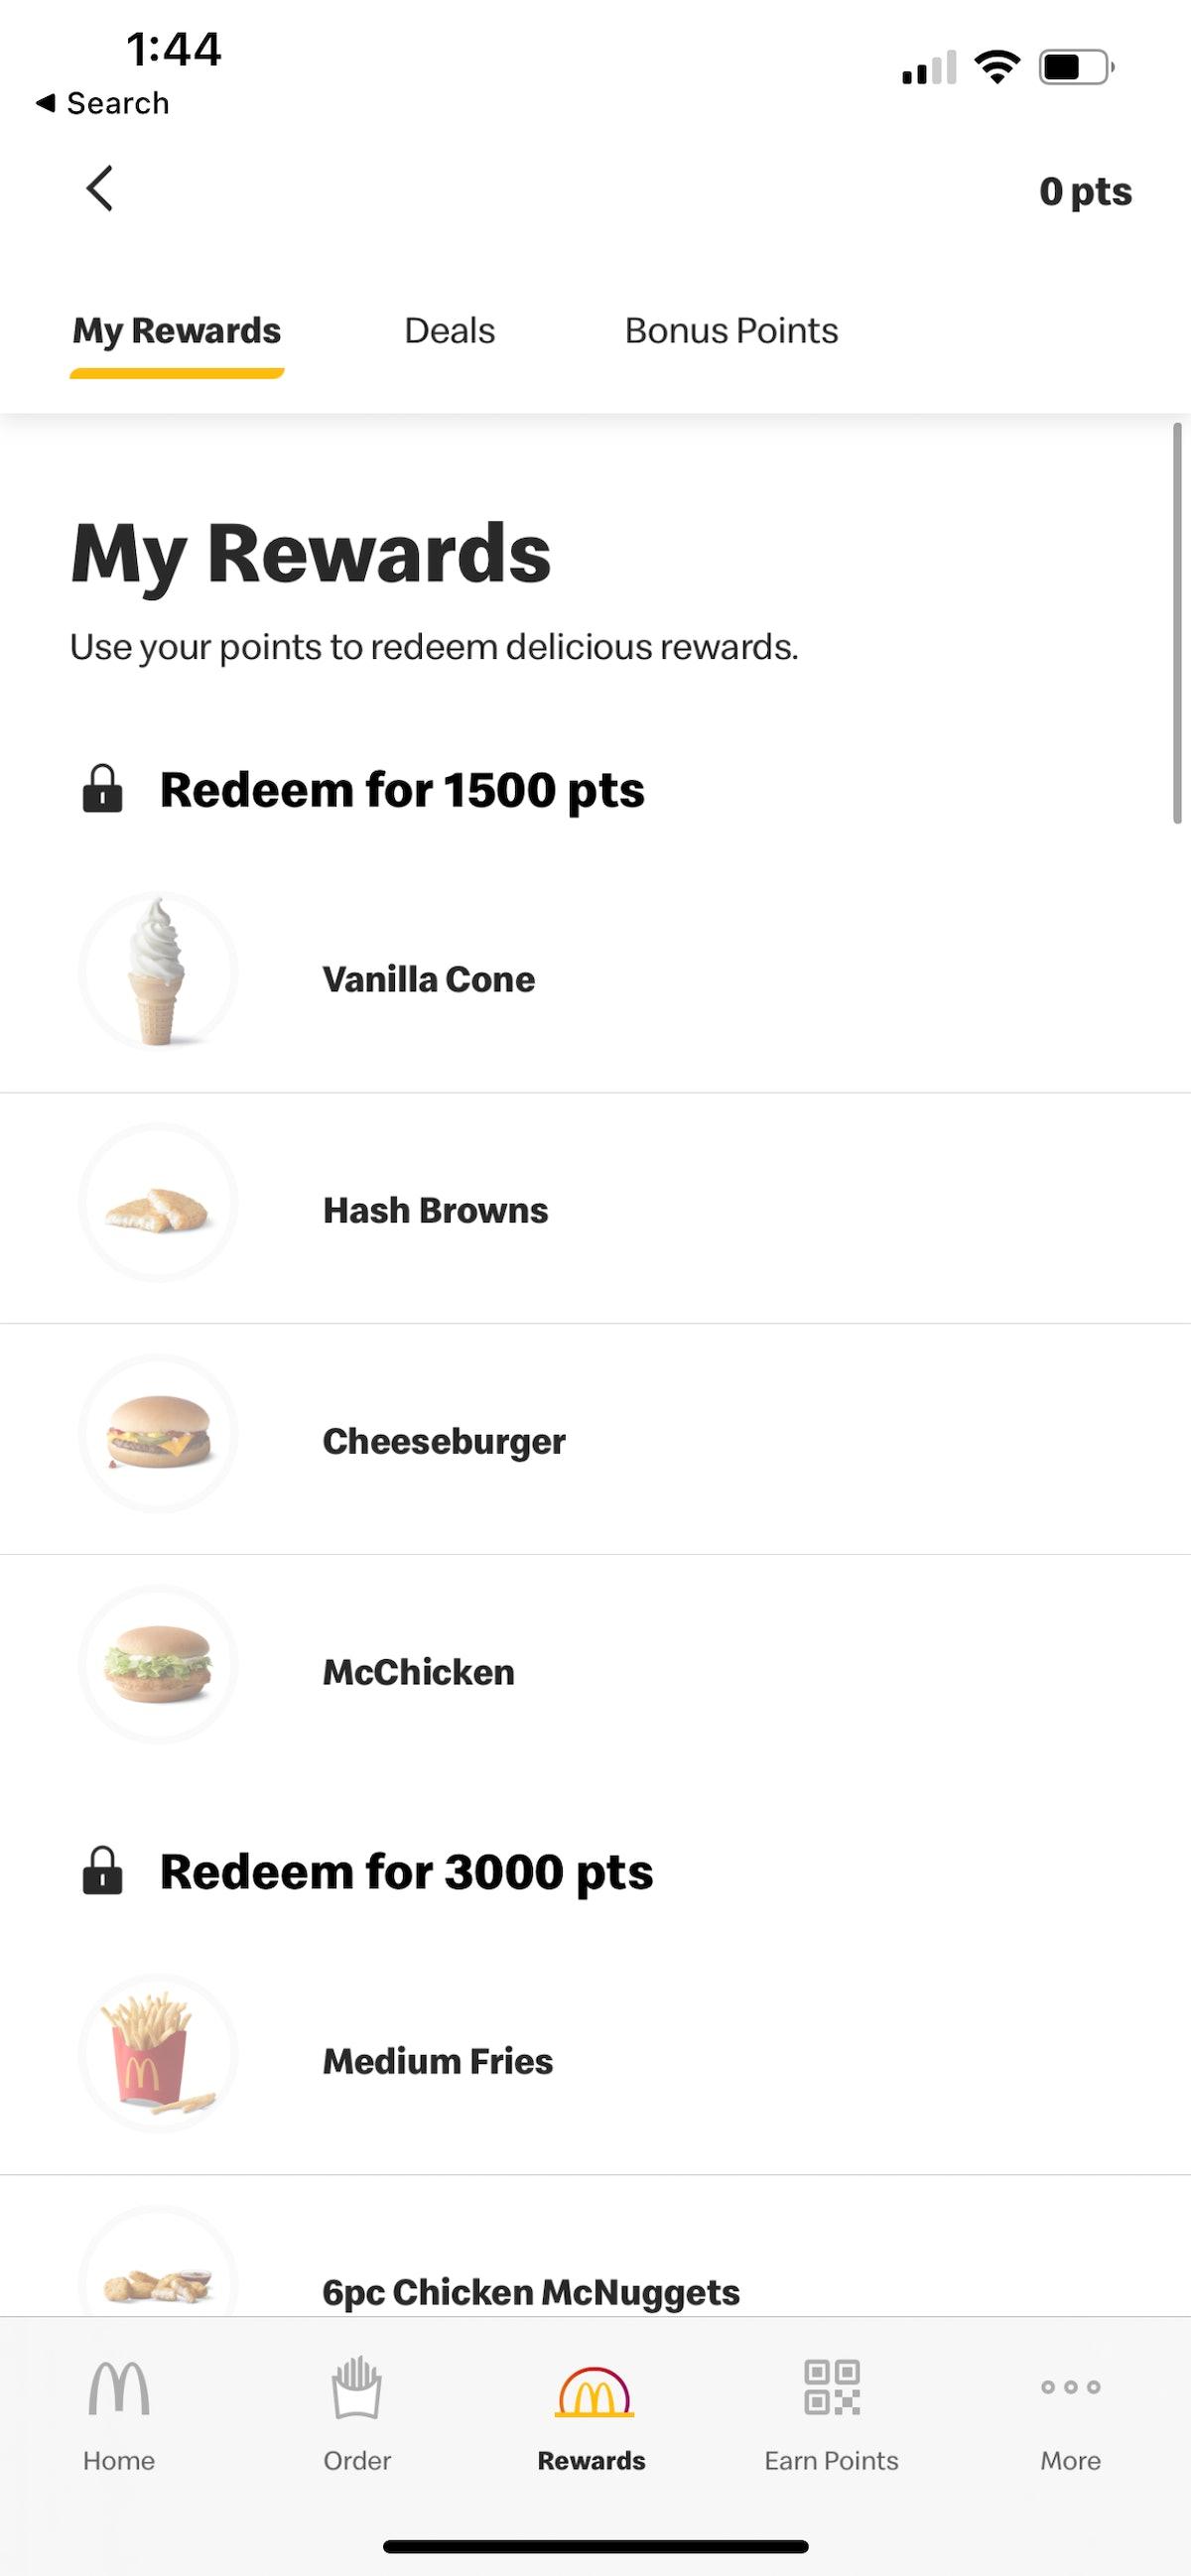 MyMcDonald's Rewards program lets you earn points on the app.